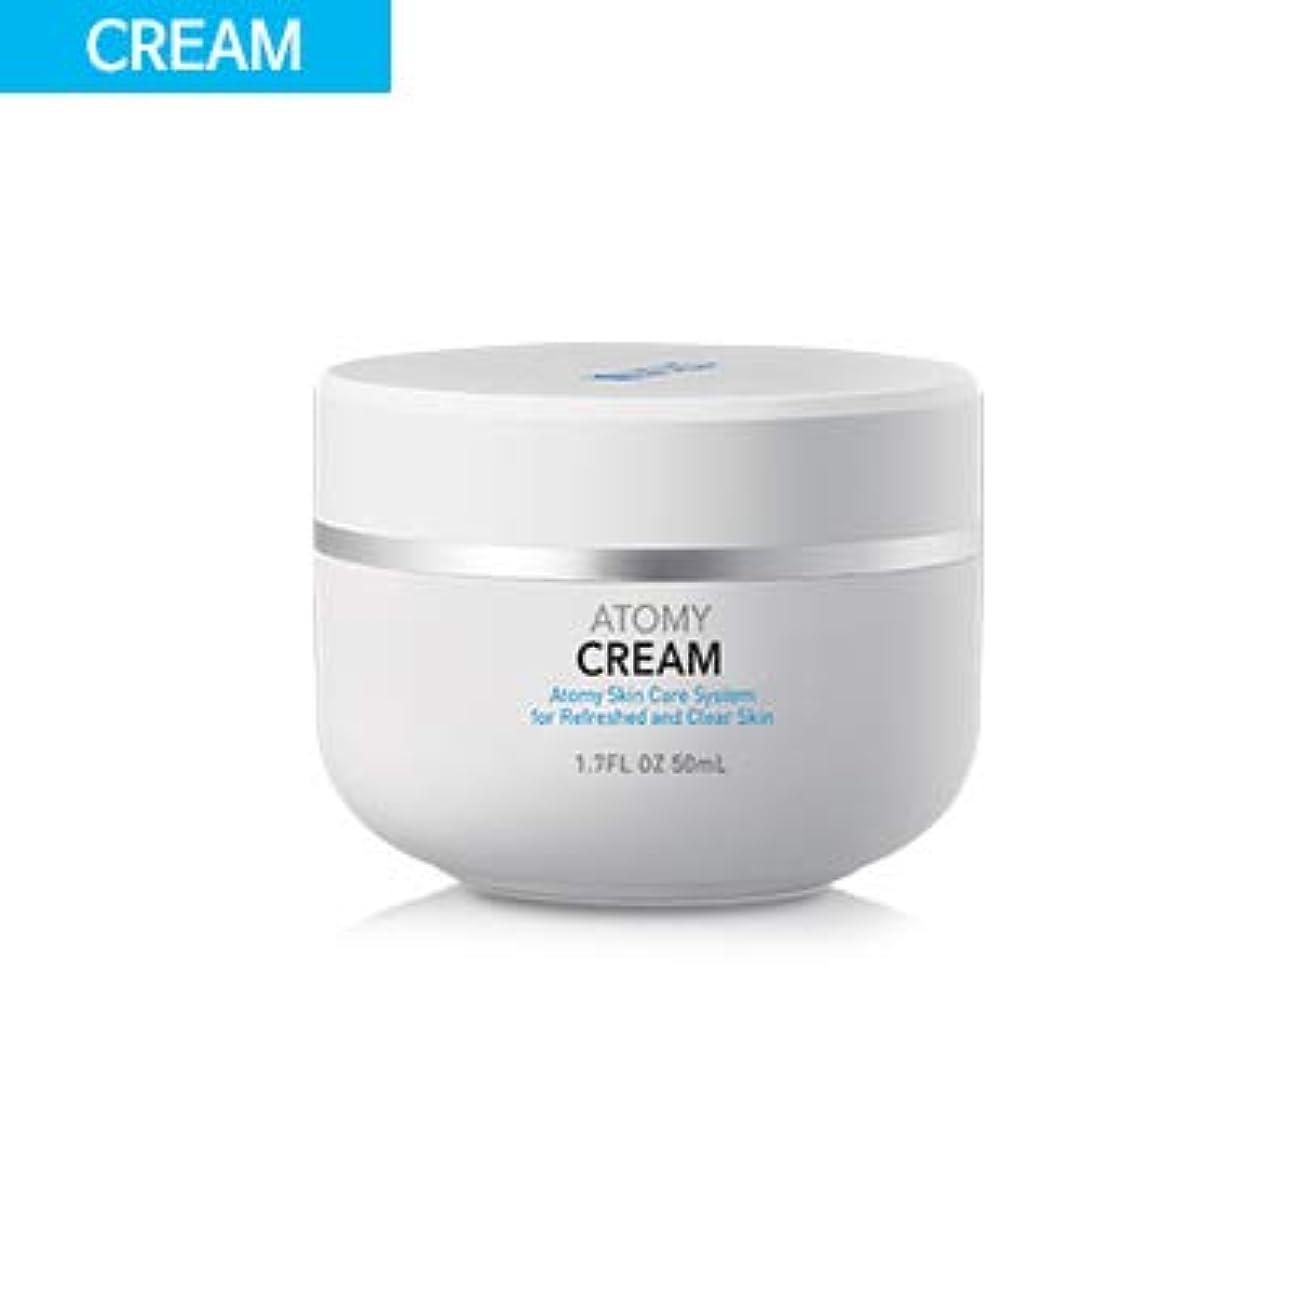 指定コショウ誘惑[ATOM美] Cream (栄養クリーム) 50ml